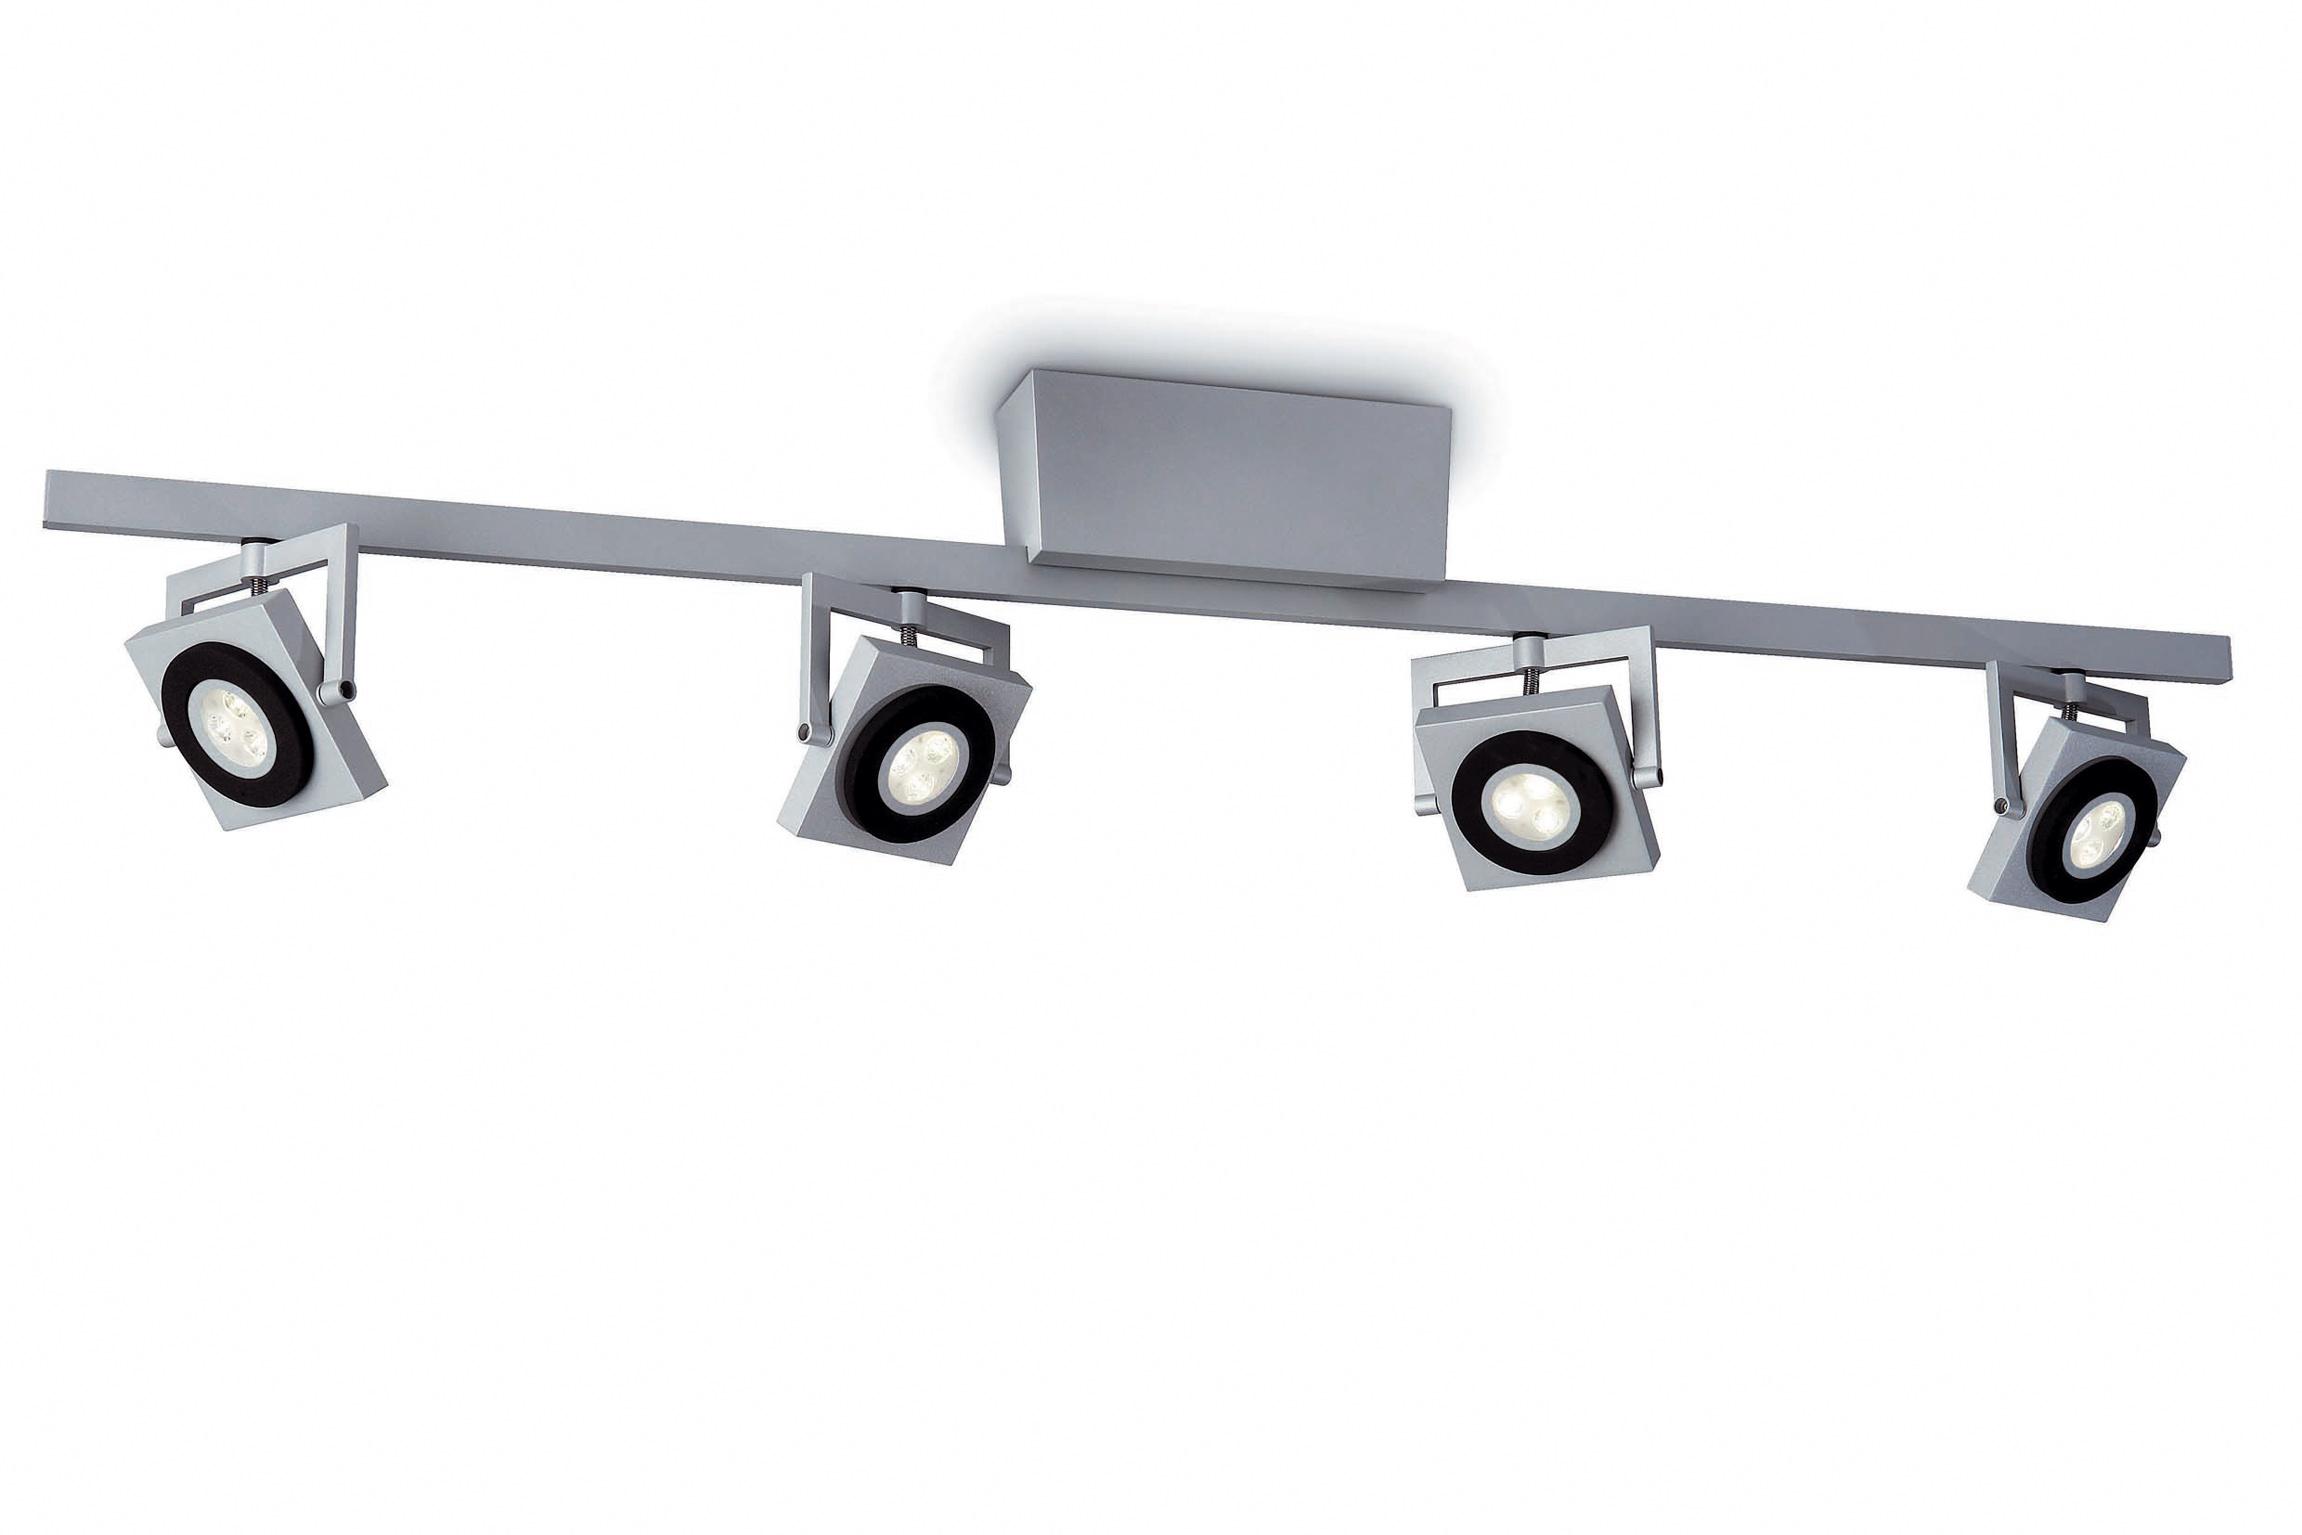 Luminaire Bois Ikea : Luminaire, Mobilier Lumineux, Pot Lumineux Mobilier